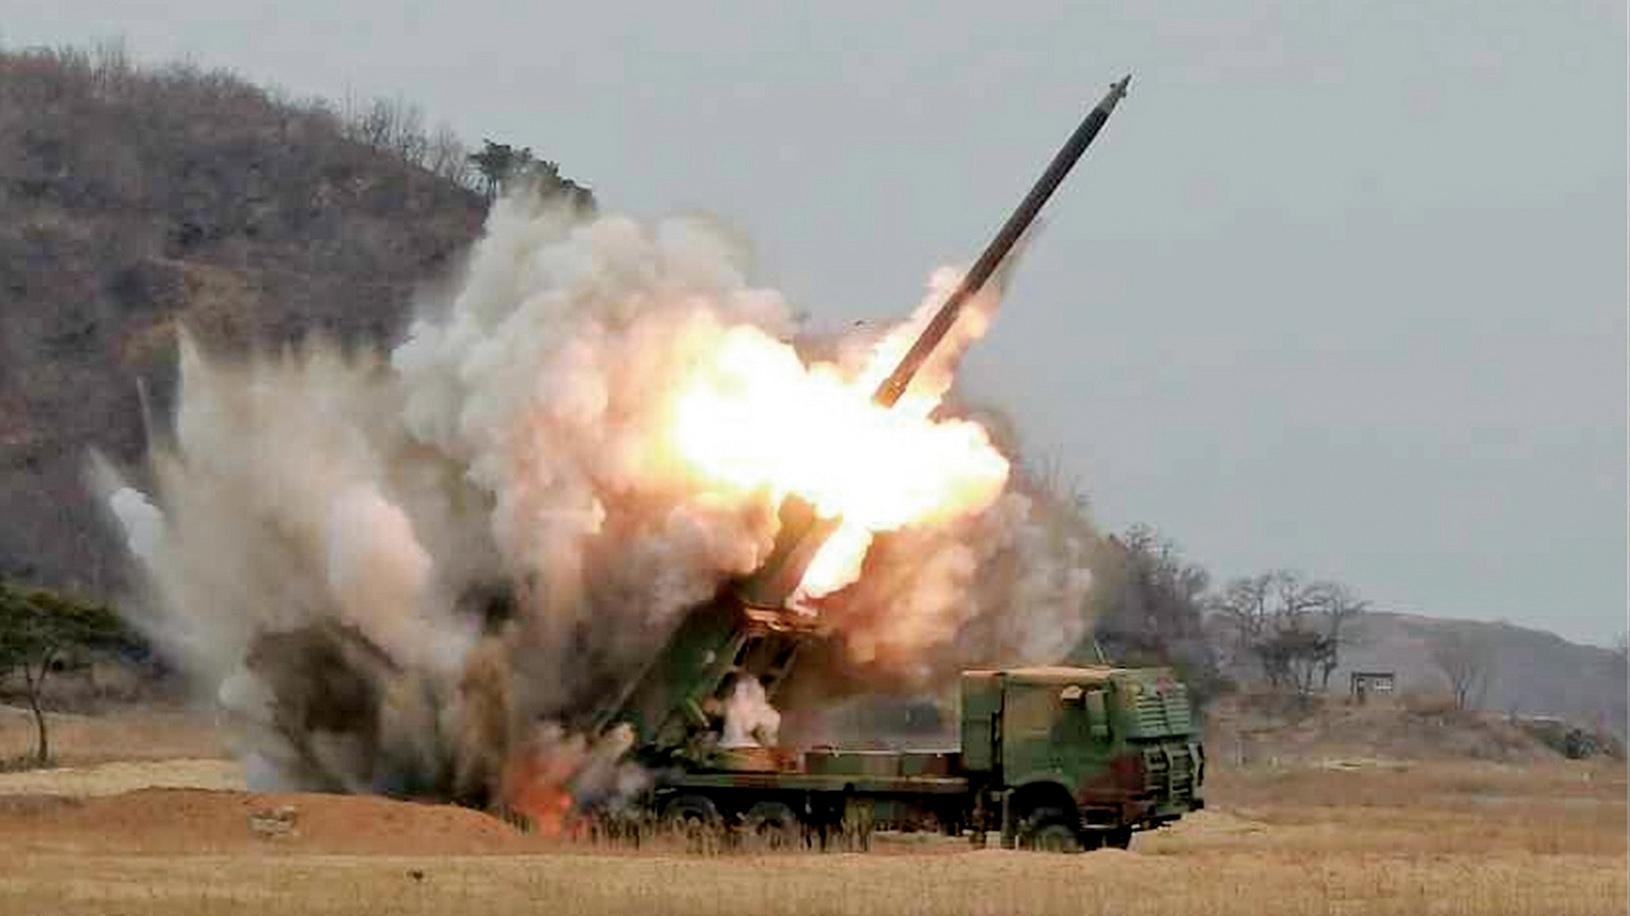 2014年起北韓開始試射自主研發的舞水端導彈,其最大射程估計在2,500到4,000公里之間。其射程至少可以覆蓋南韓和日本,甚至可能抵達美國關島基地。(網絡圖片)